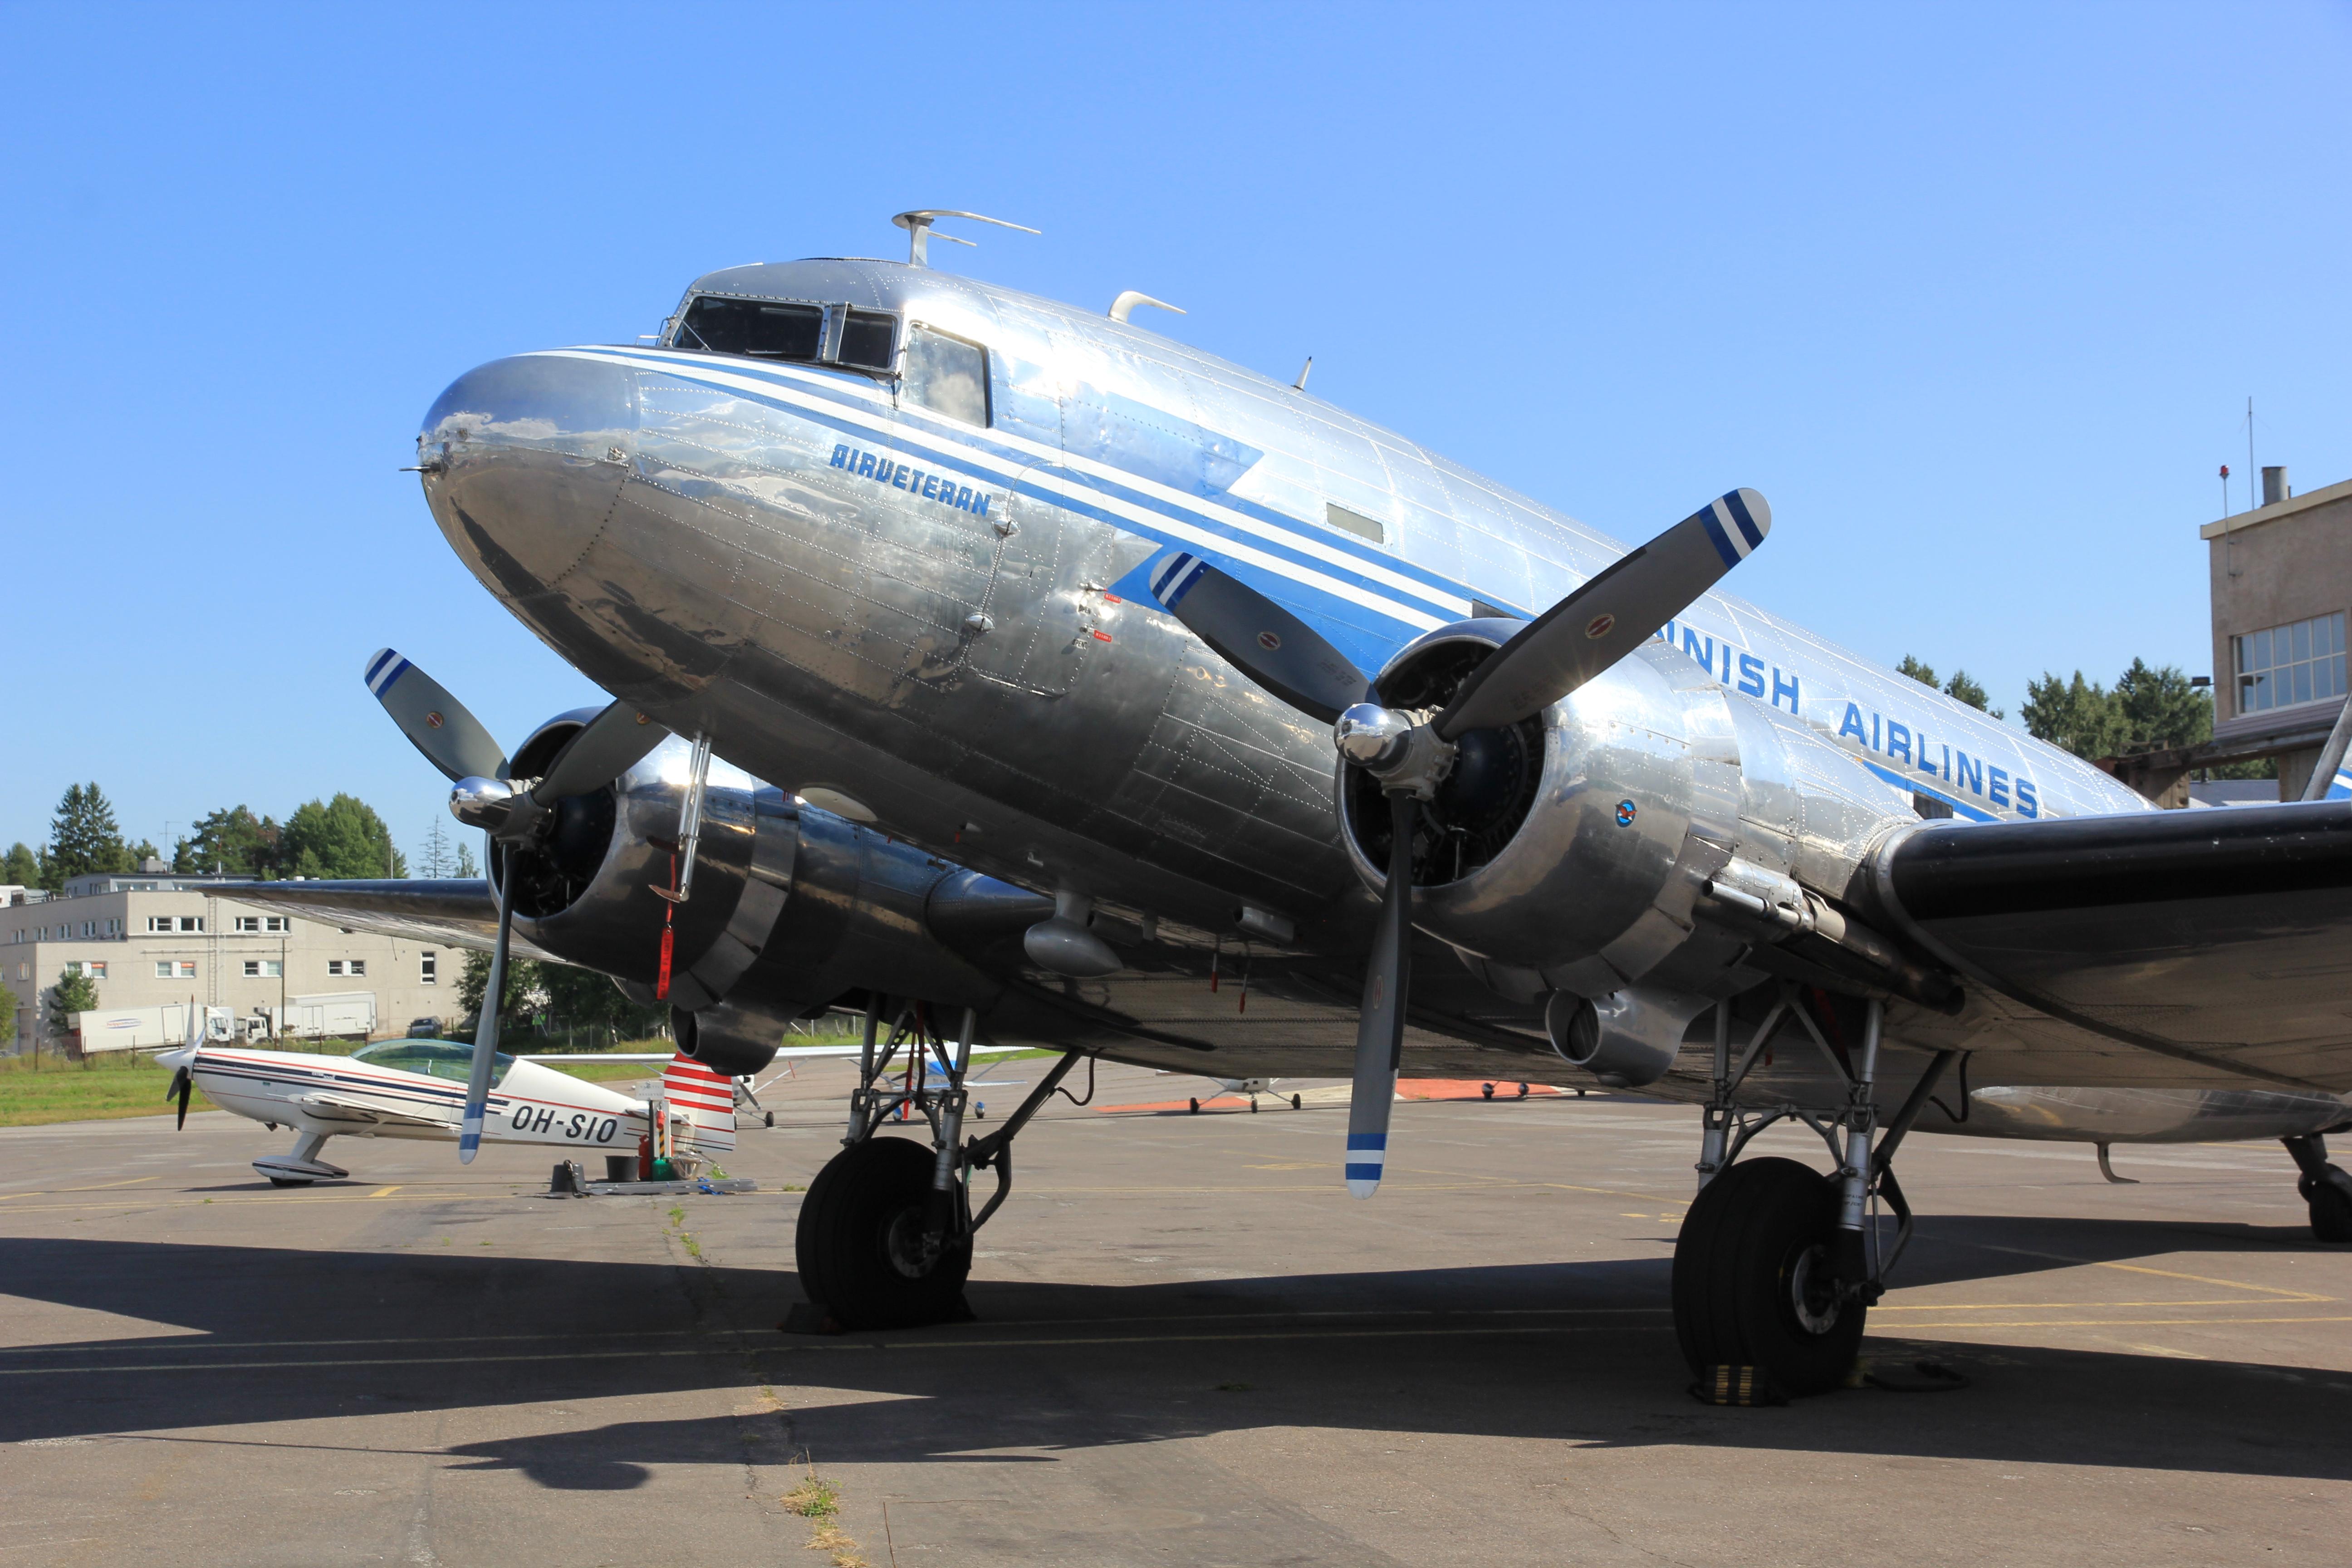 Retro Metallic Paint Airlines